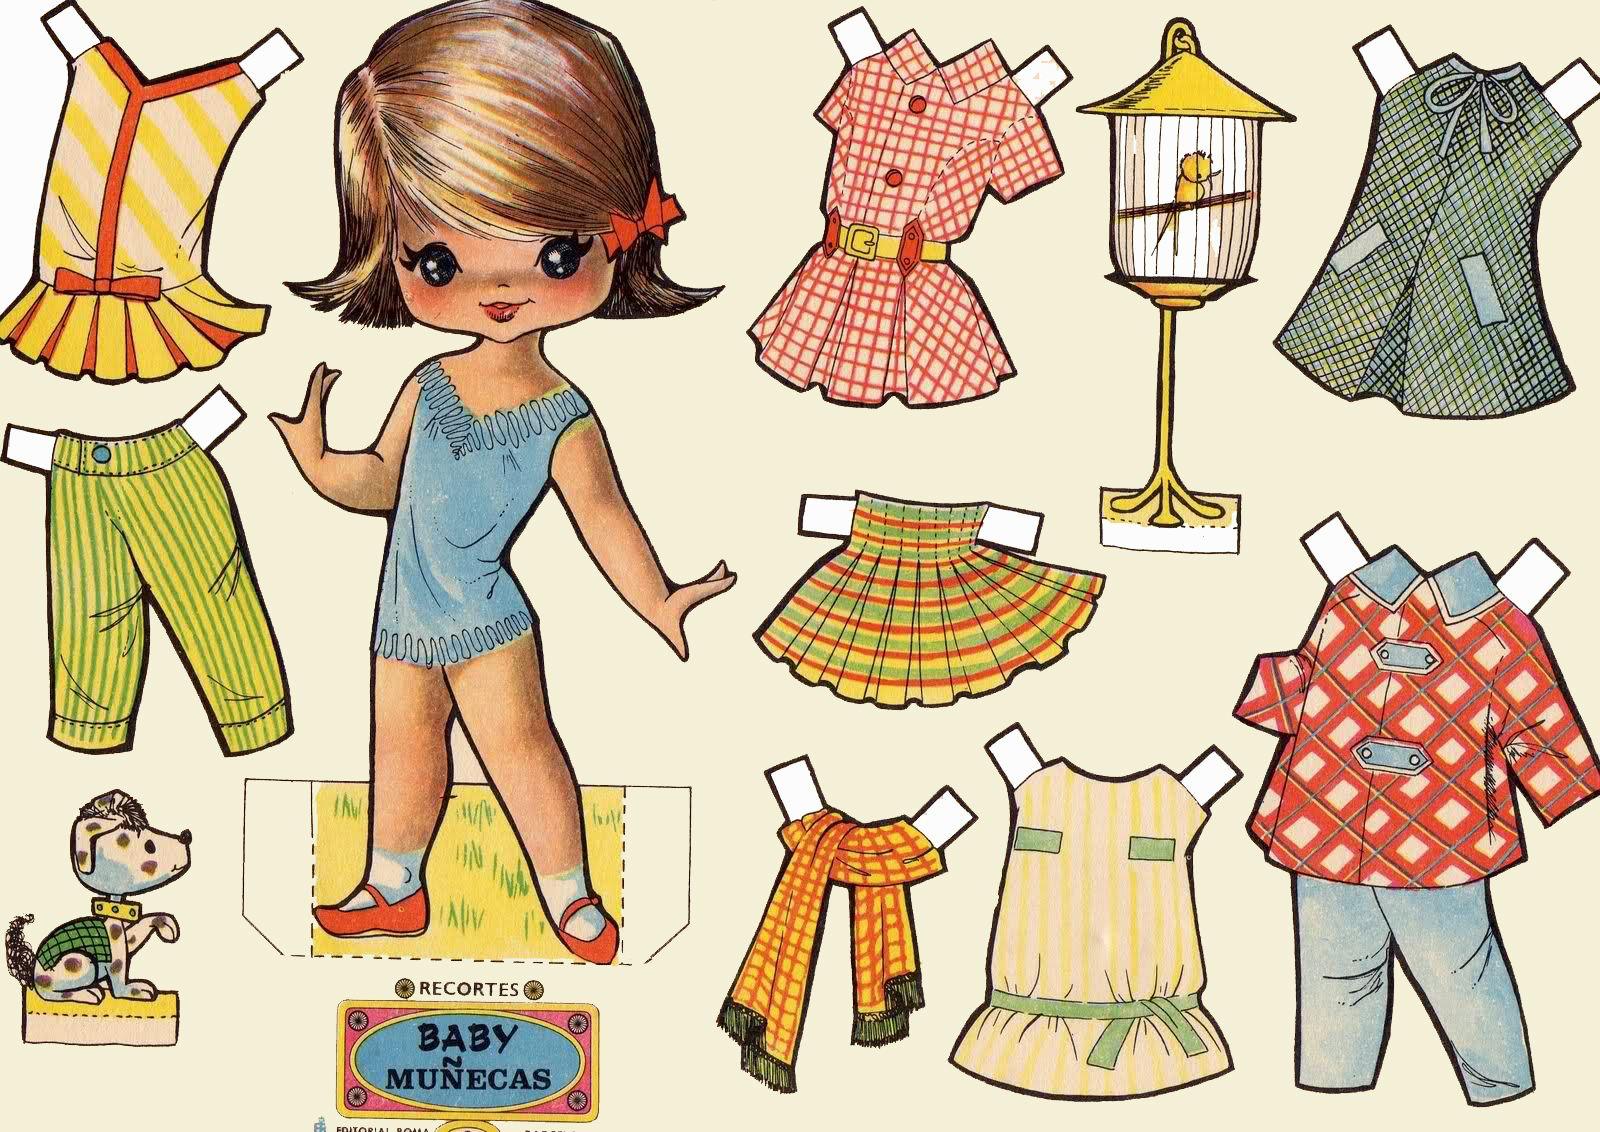 куклы с одеждой для вырезания картинки направленный них, отражается